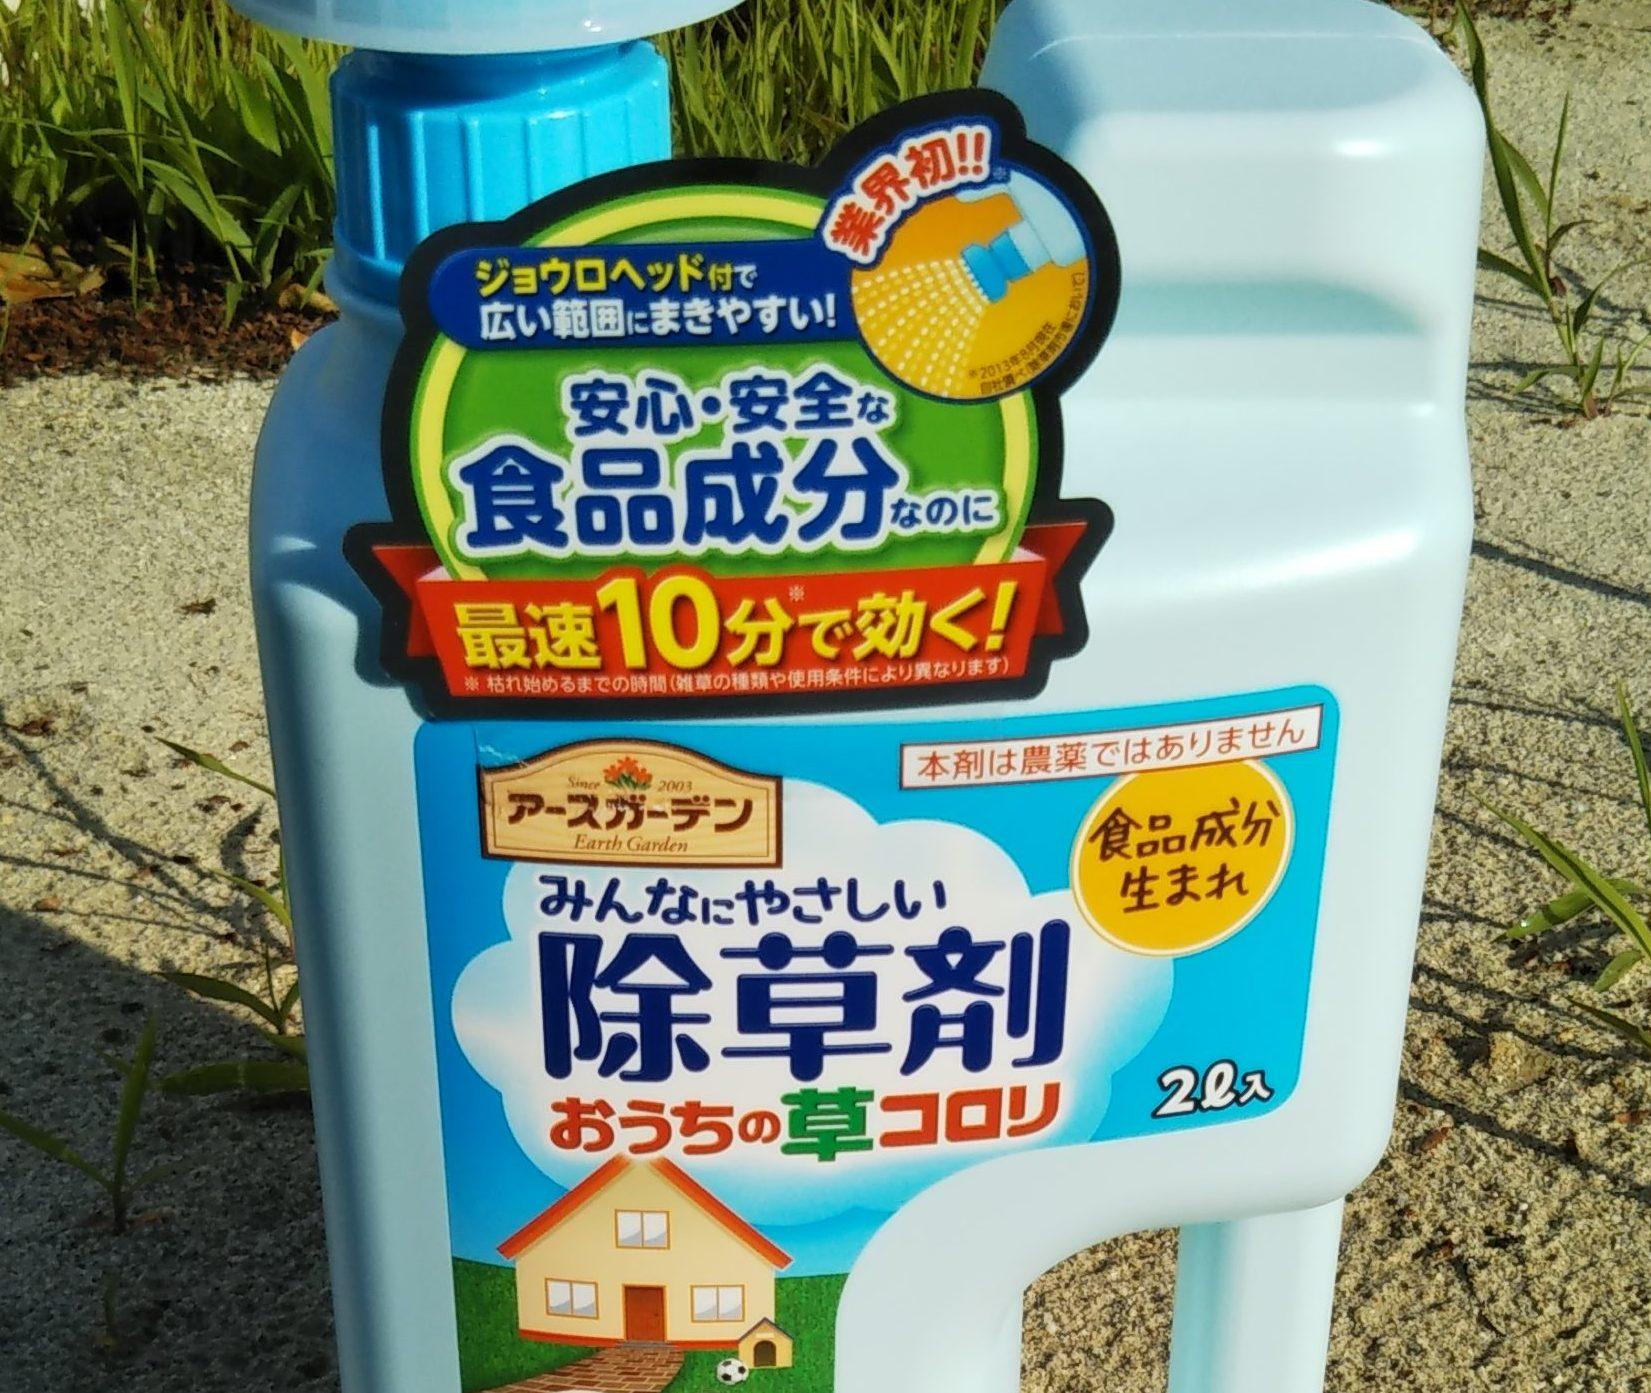 【庭の除草】口コミでは分からないおうちの草コロリの効果と失敗